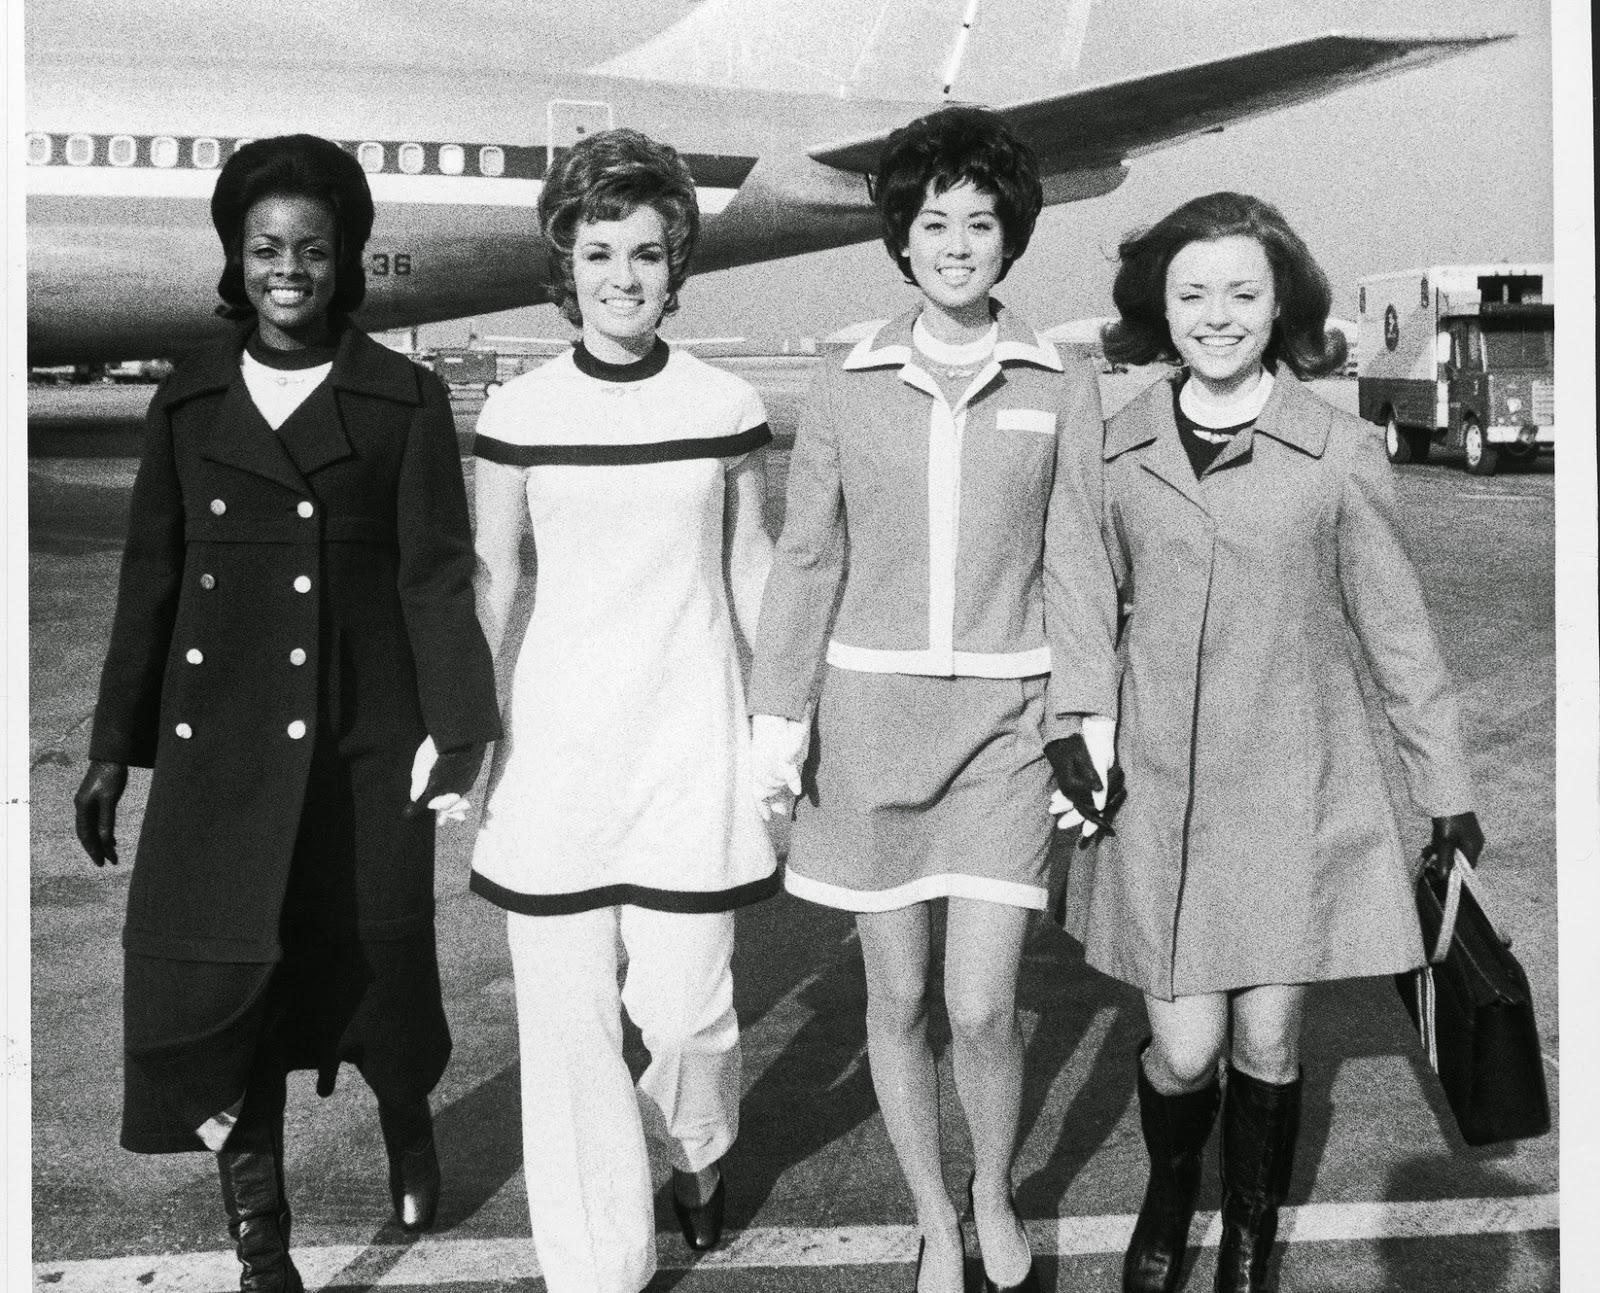 Vintage Flight Attendant Uniform 113